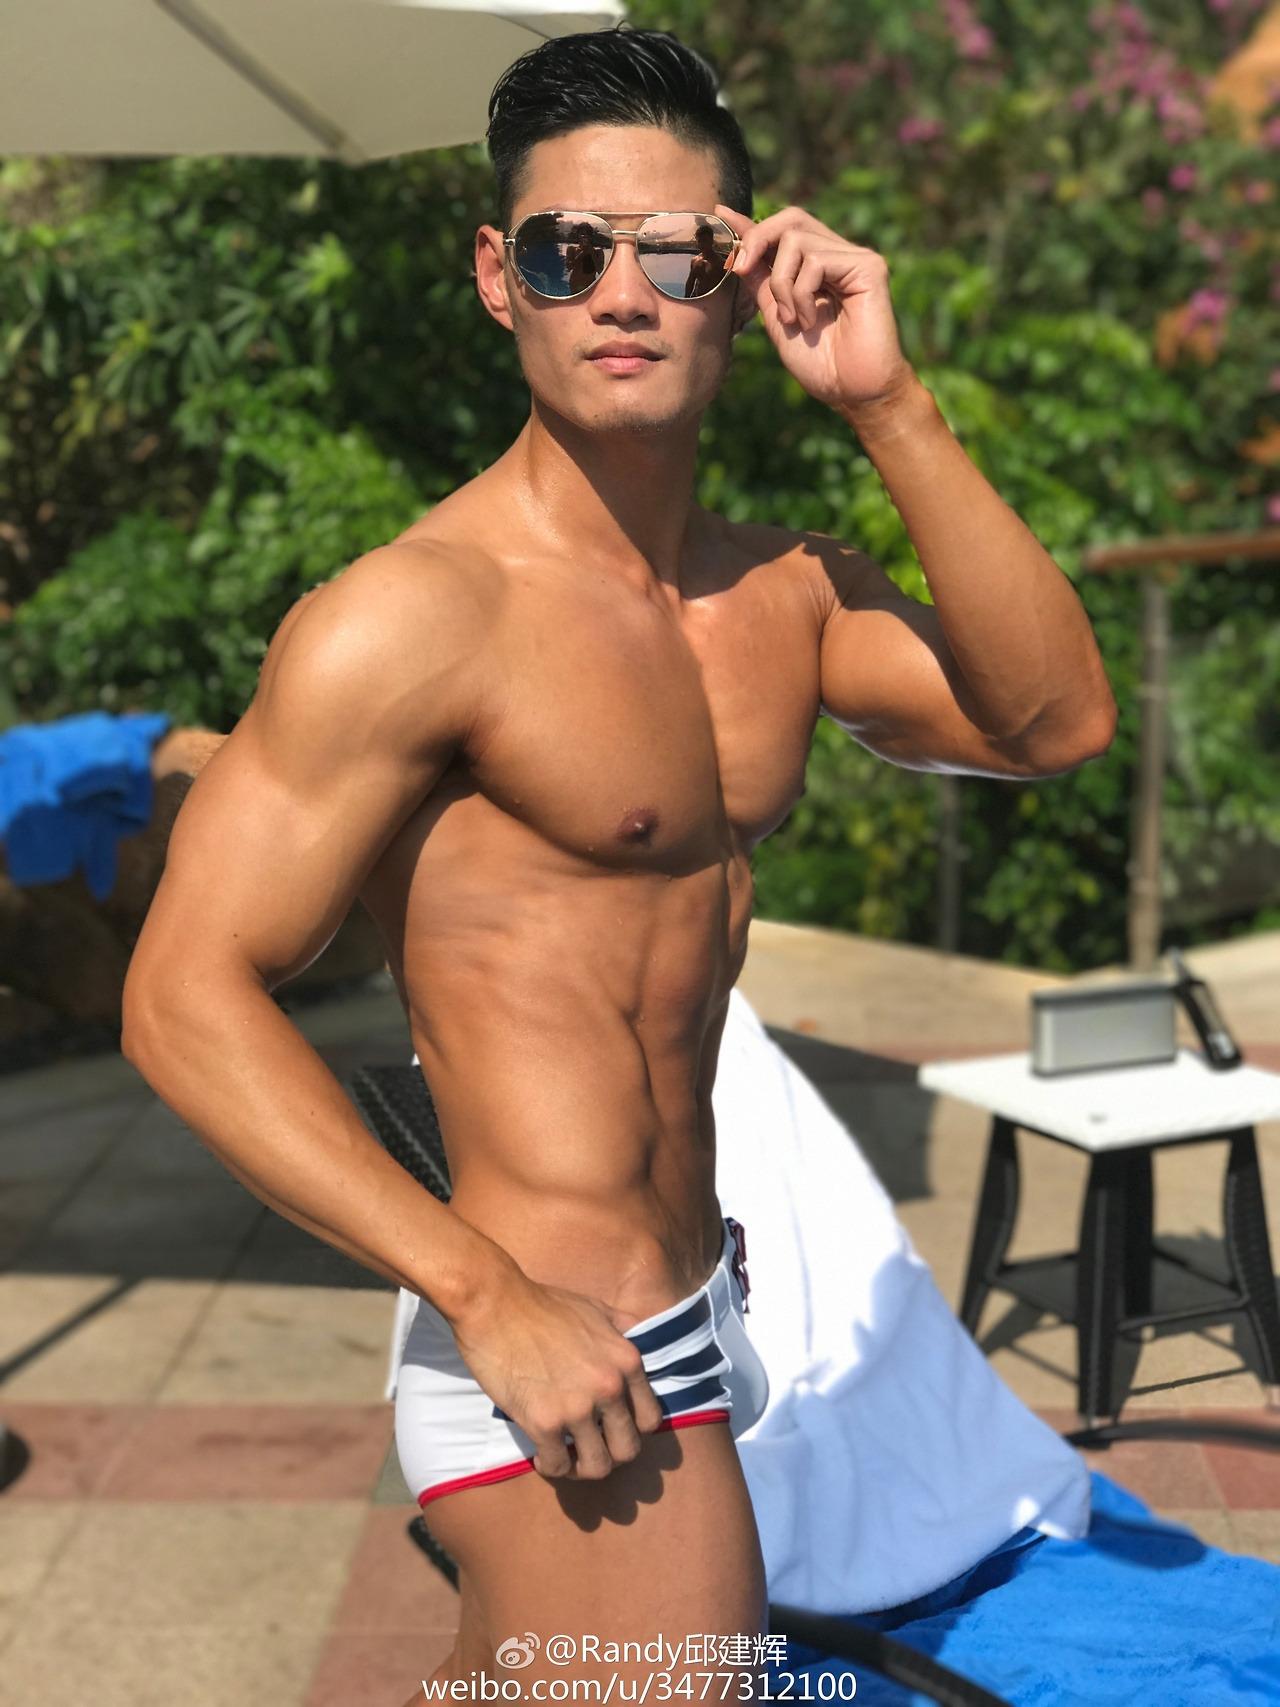 胸肌挺大身材完美的健身男模